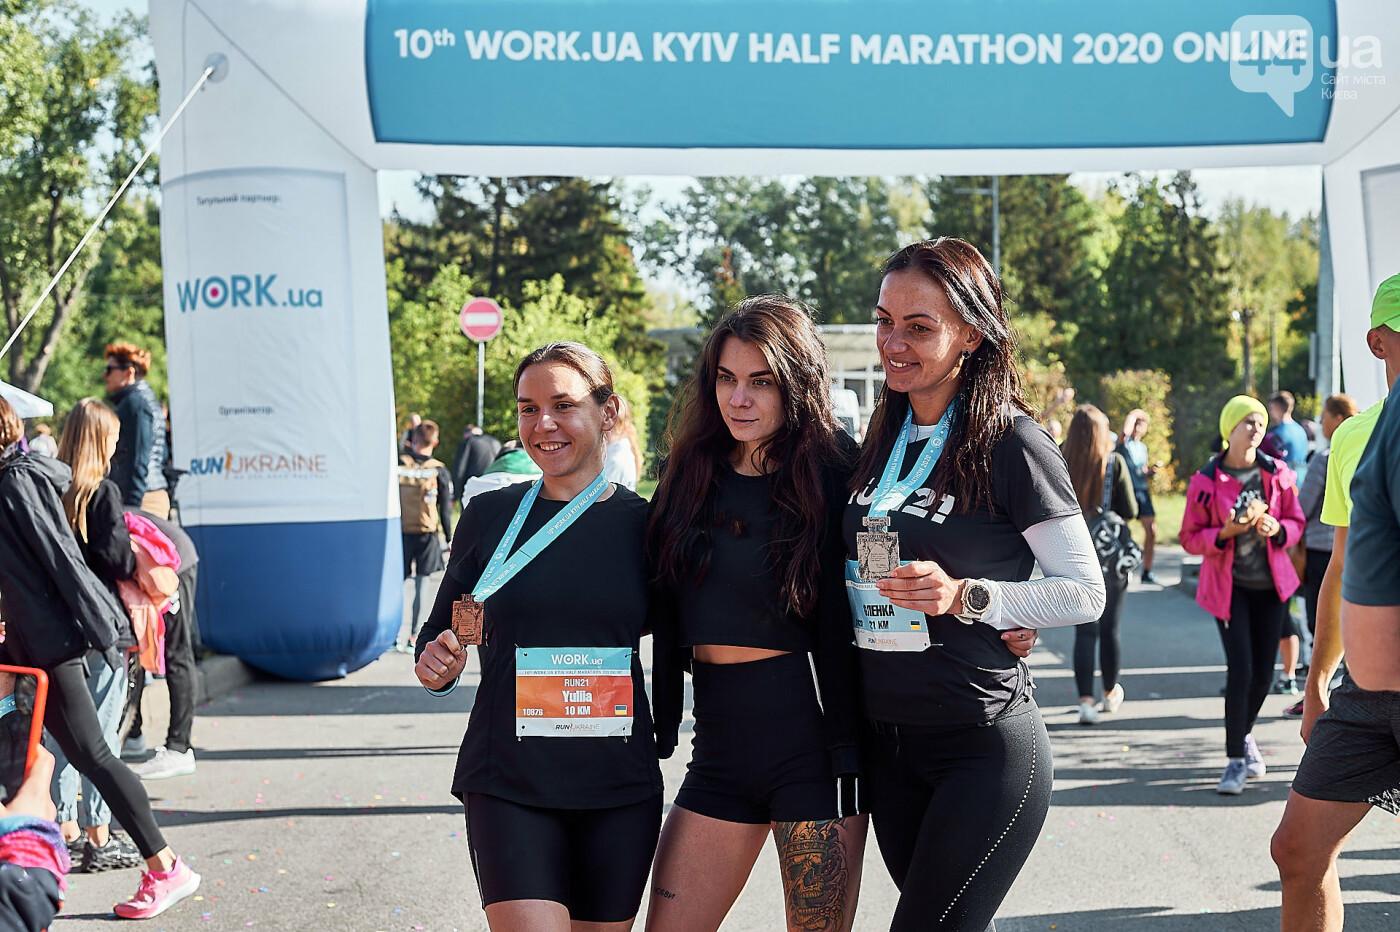 6000 бегунов из 38 стран: на выходных состоялся самый большой онлайн-забег Украины, фото-4